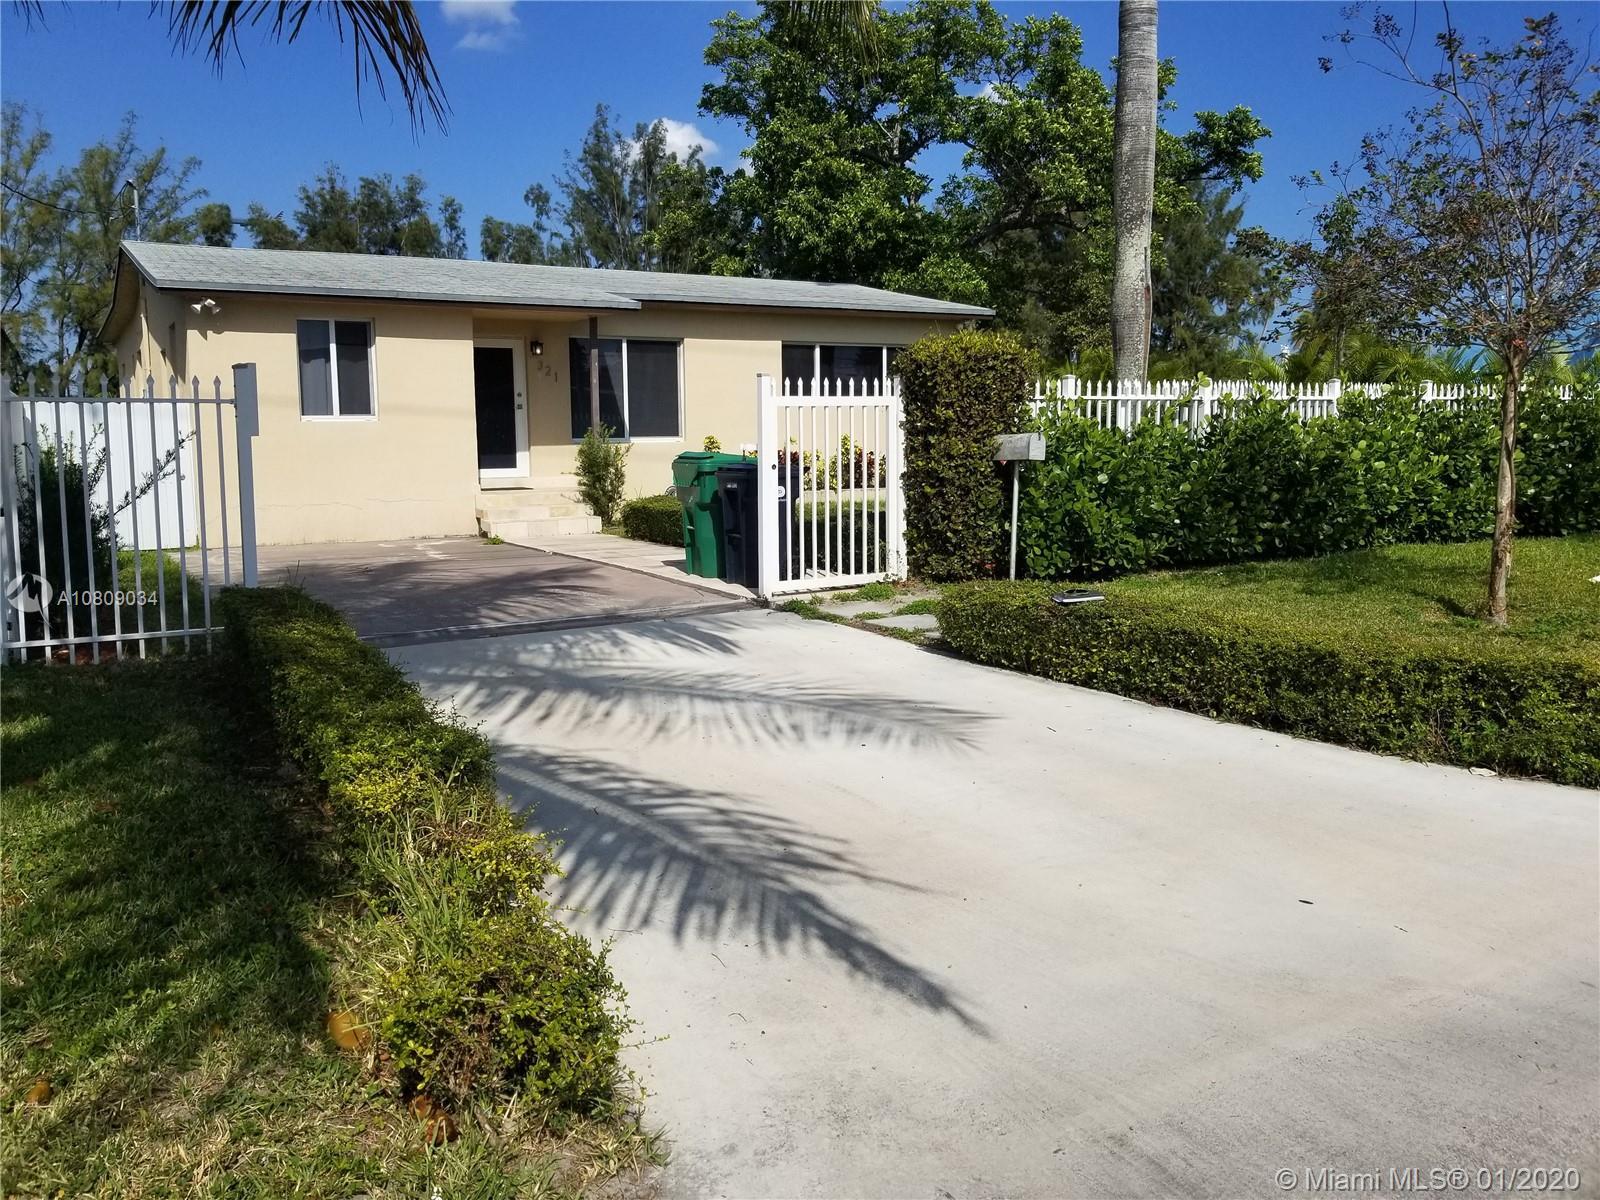 3211 NW 20th St, Miami, FL 33142 - Miami, FL real estate listing